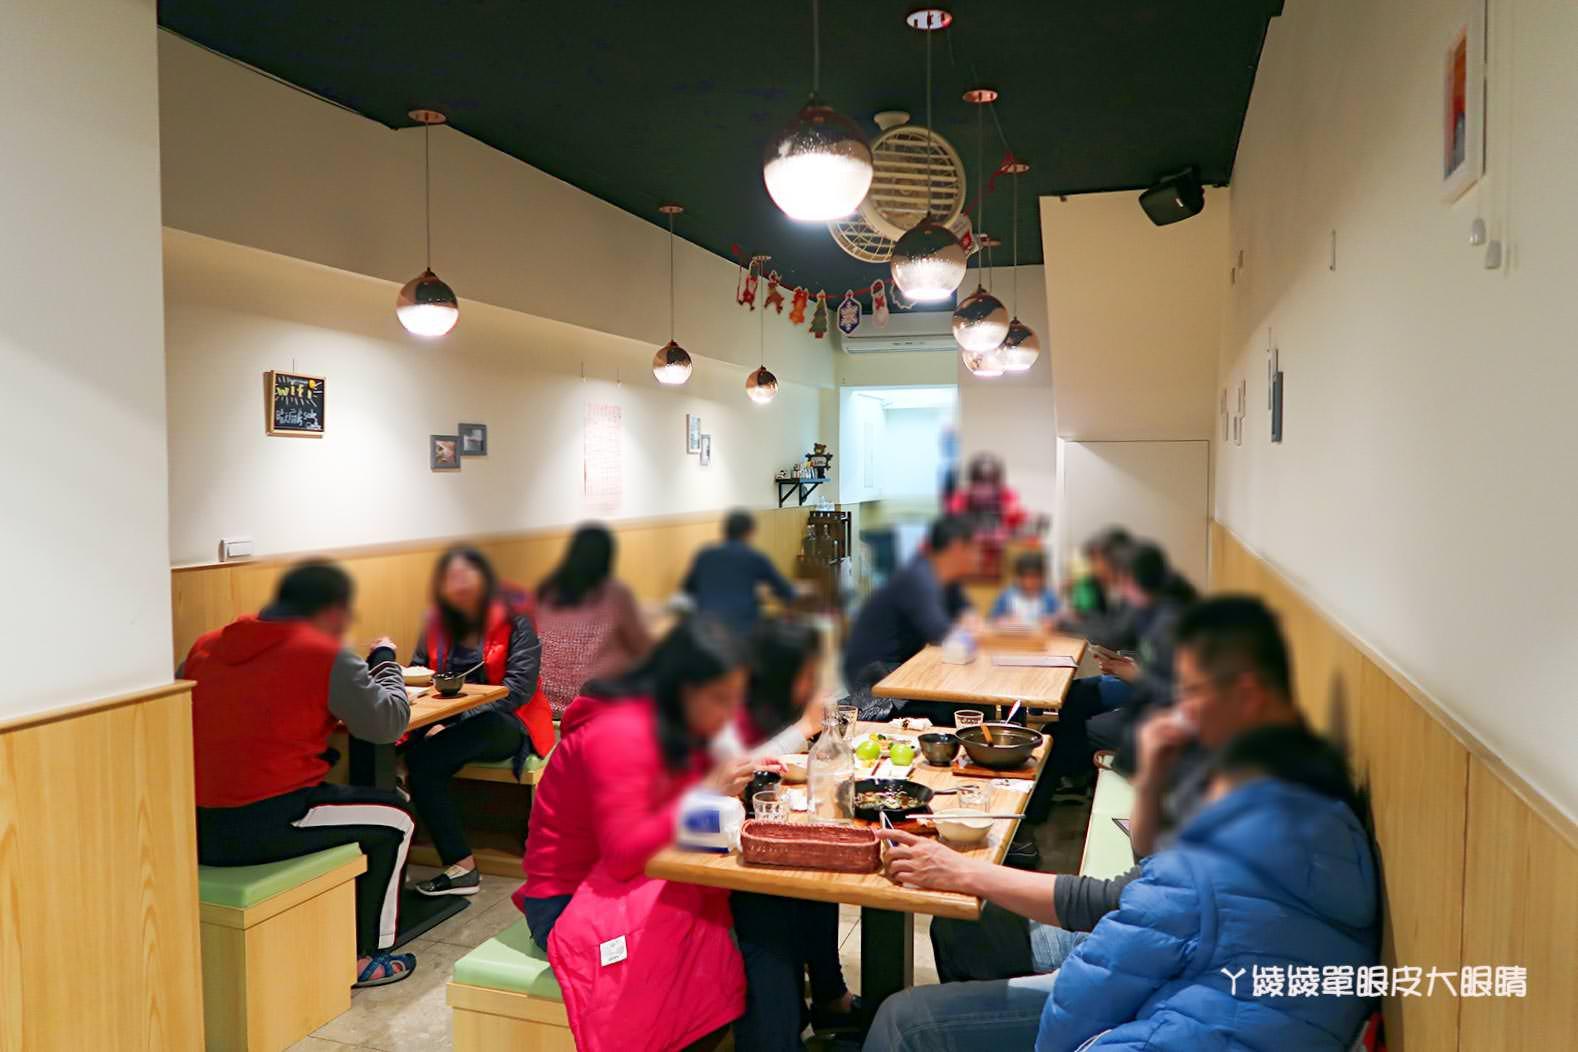 台北捷運中正紀念堂站|隱藏版閣樓在晴天廚房!平價美食推薦